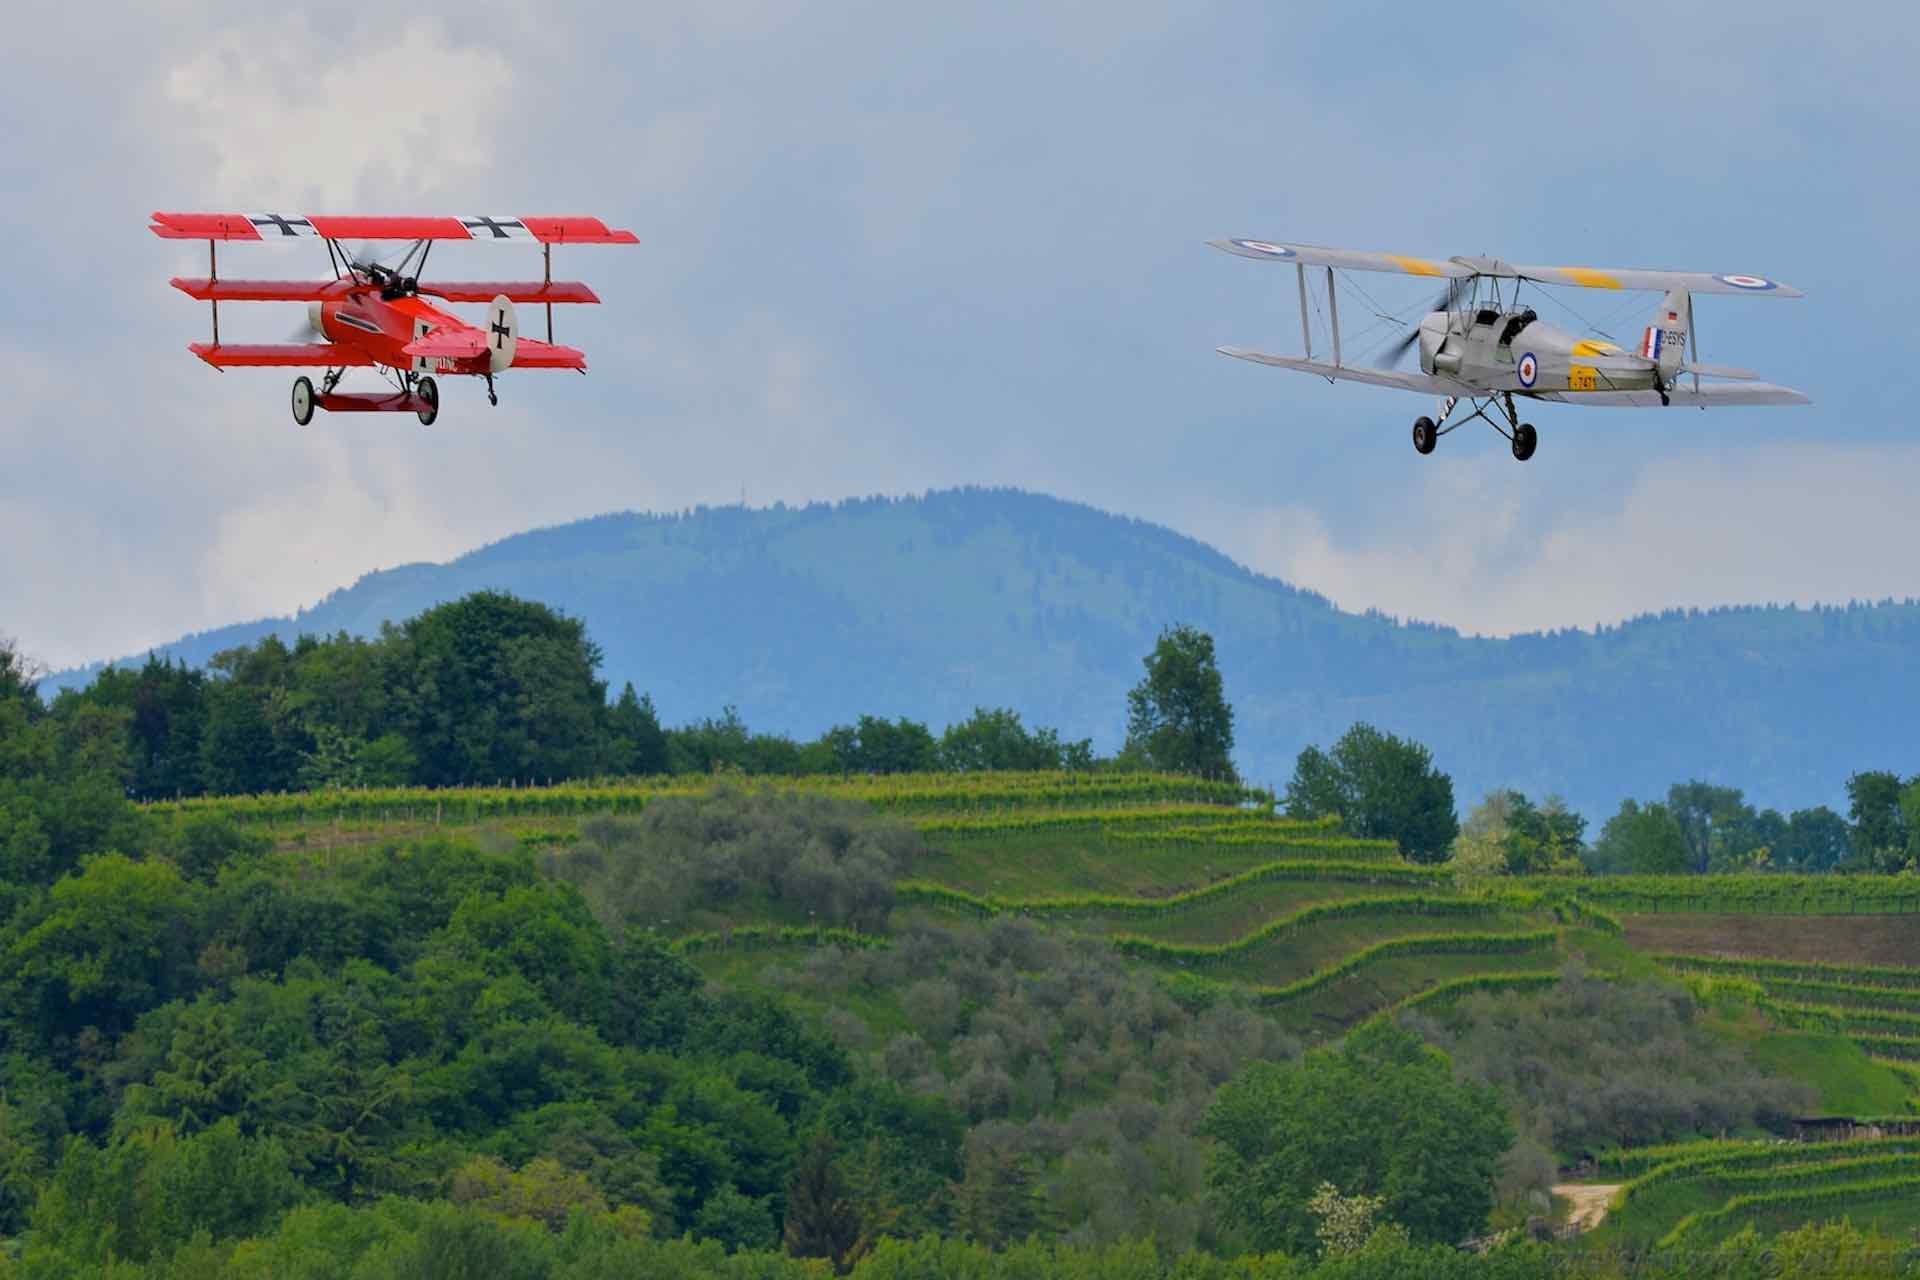 Museo Volante a Treviso per conoscere gli aerei storici famosi, aerei d'epoca originari o fedelmente ricostruiti